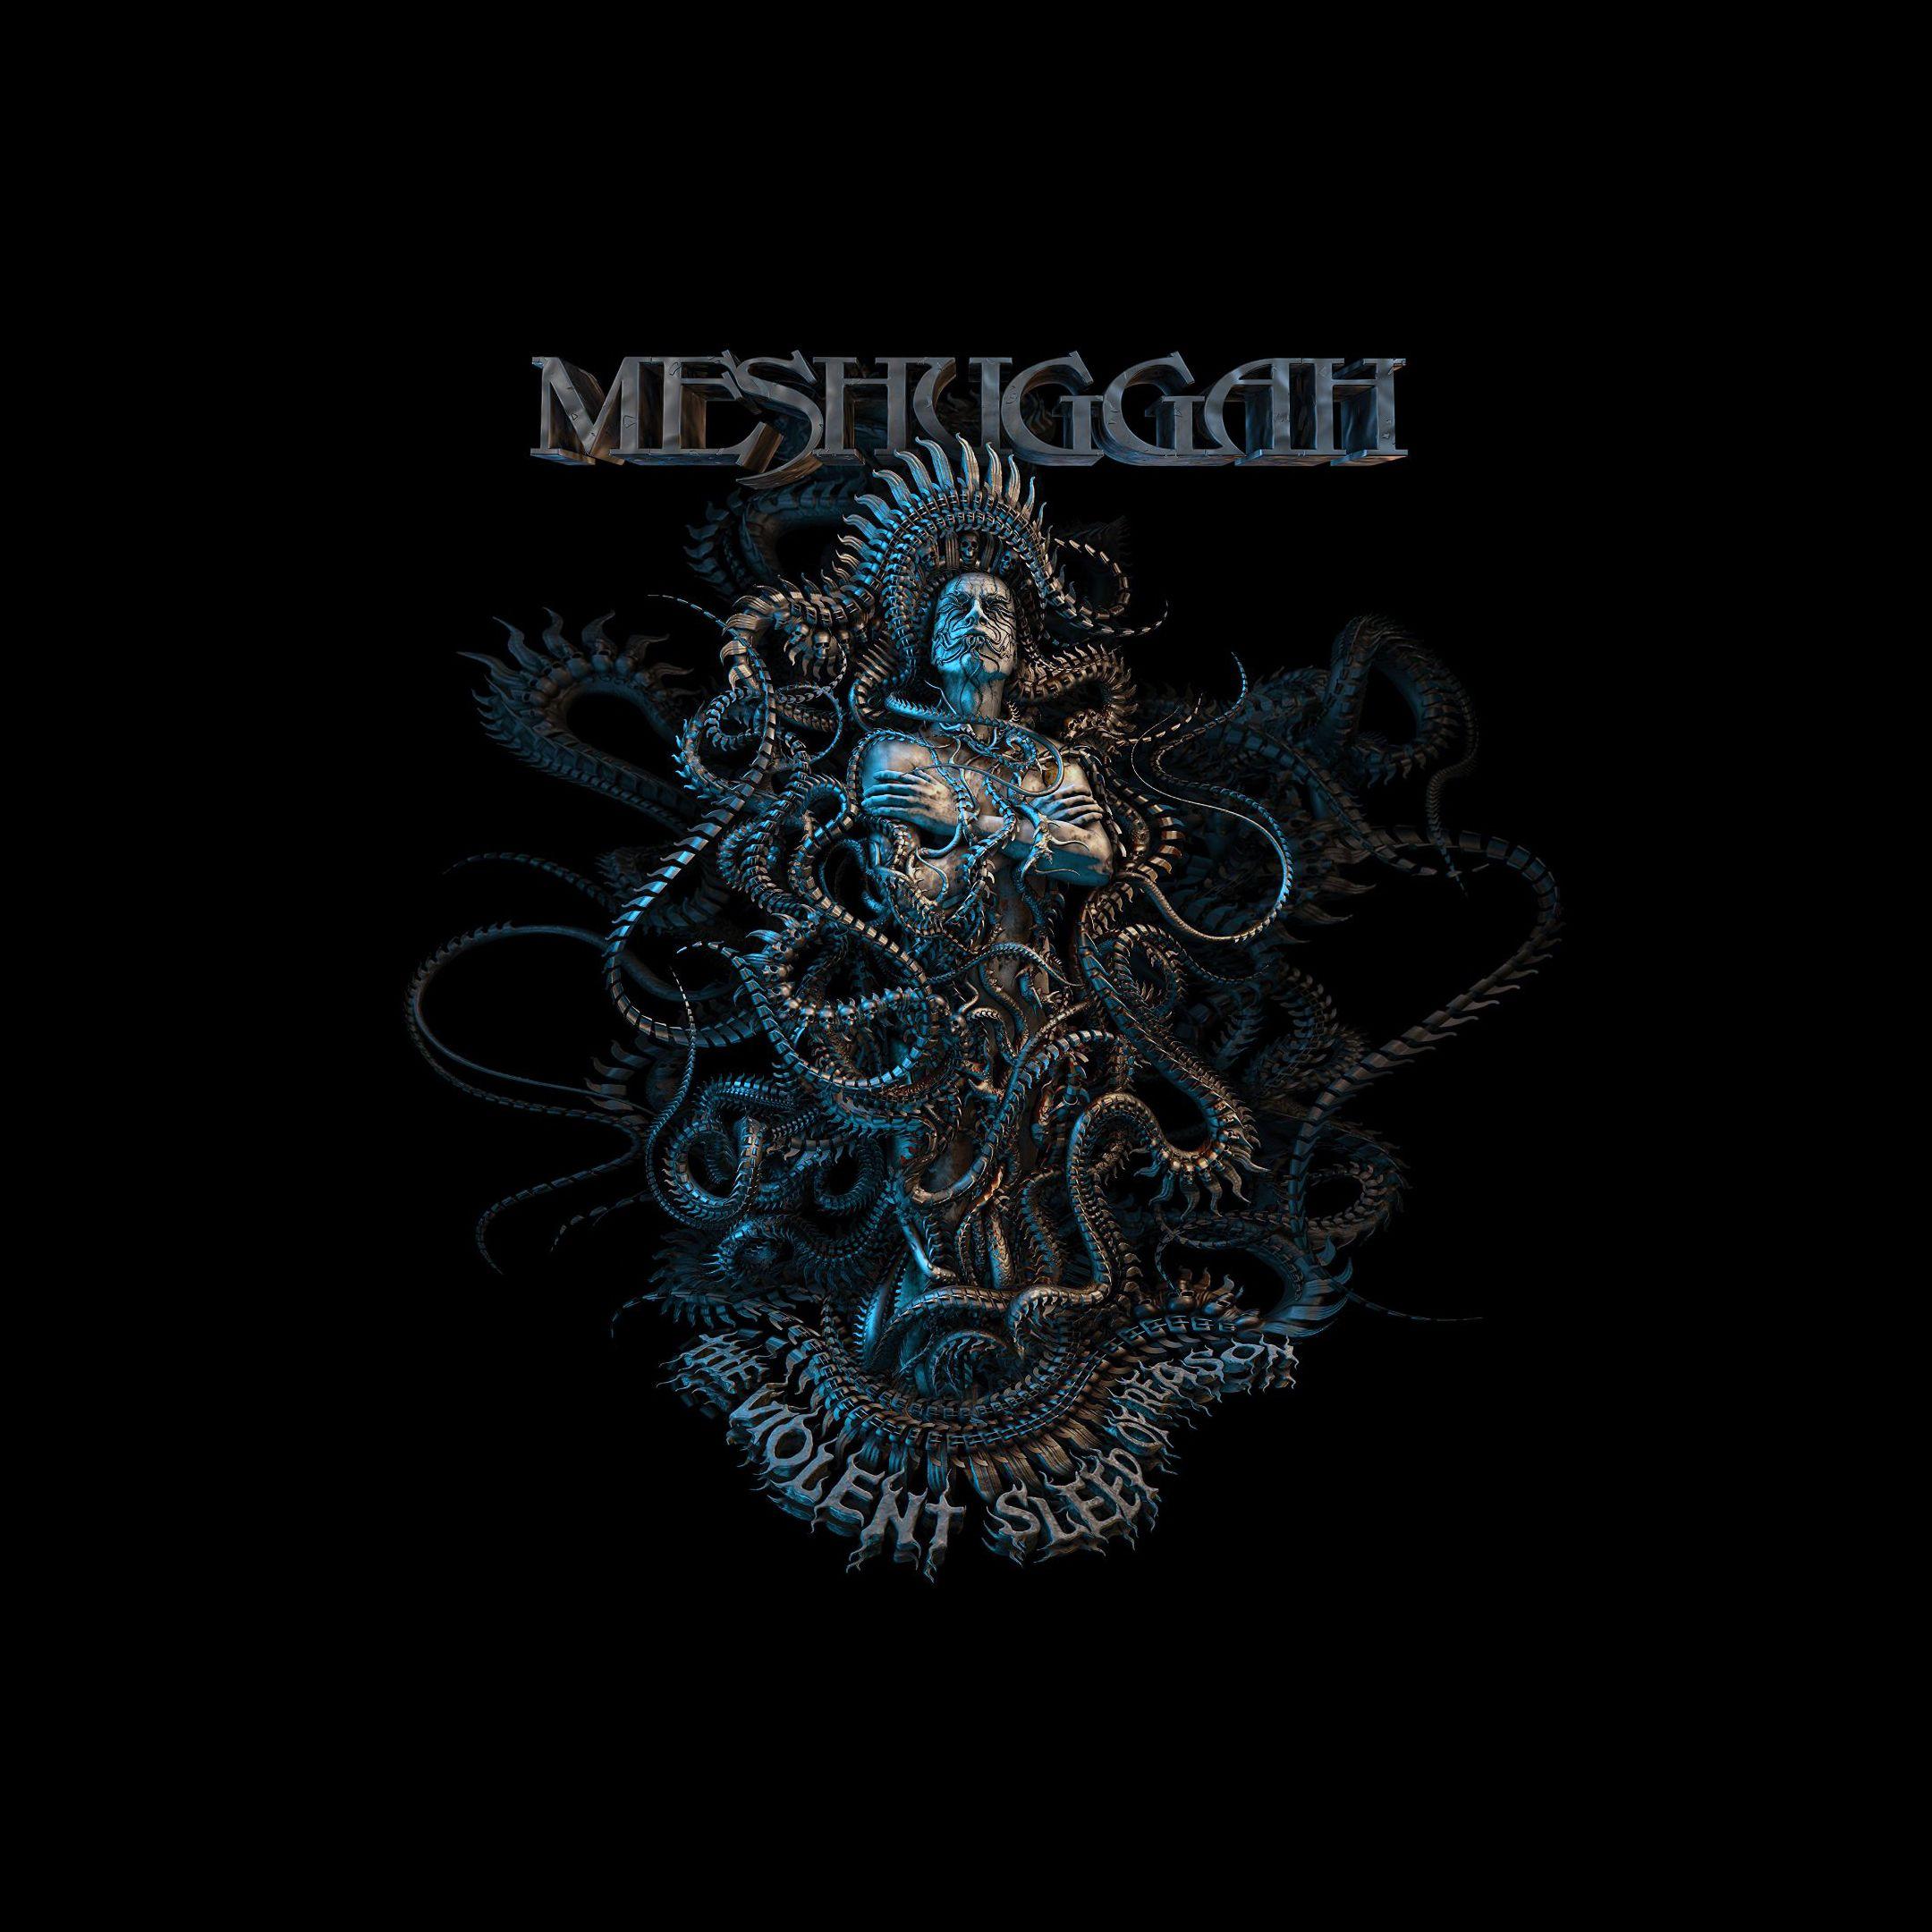 Meshuggah Metal Music Metal